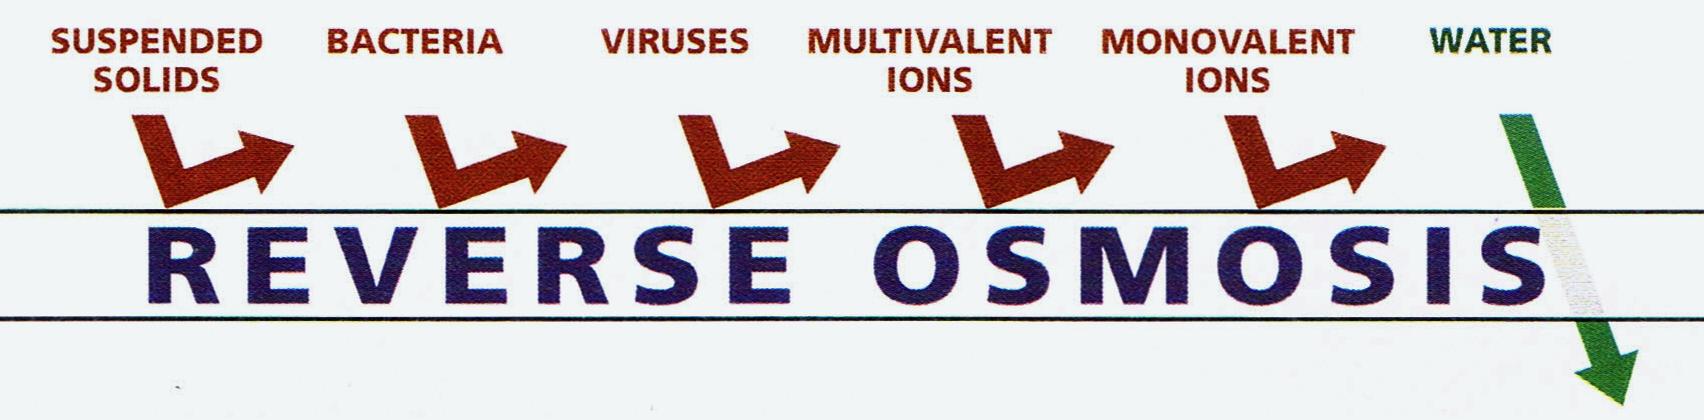 reverseosmosisfiltration